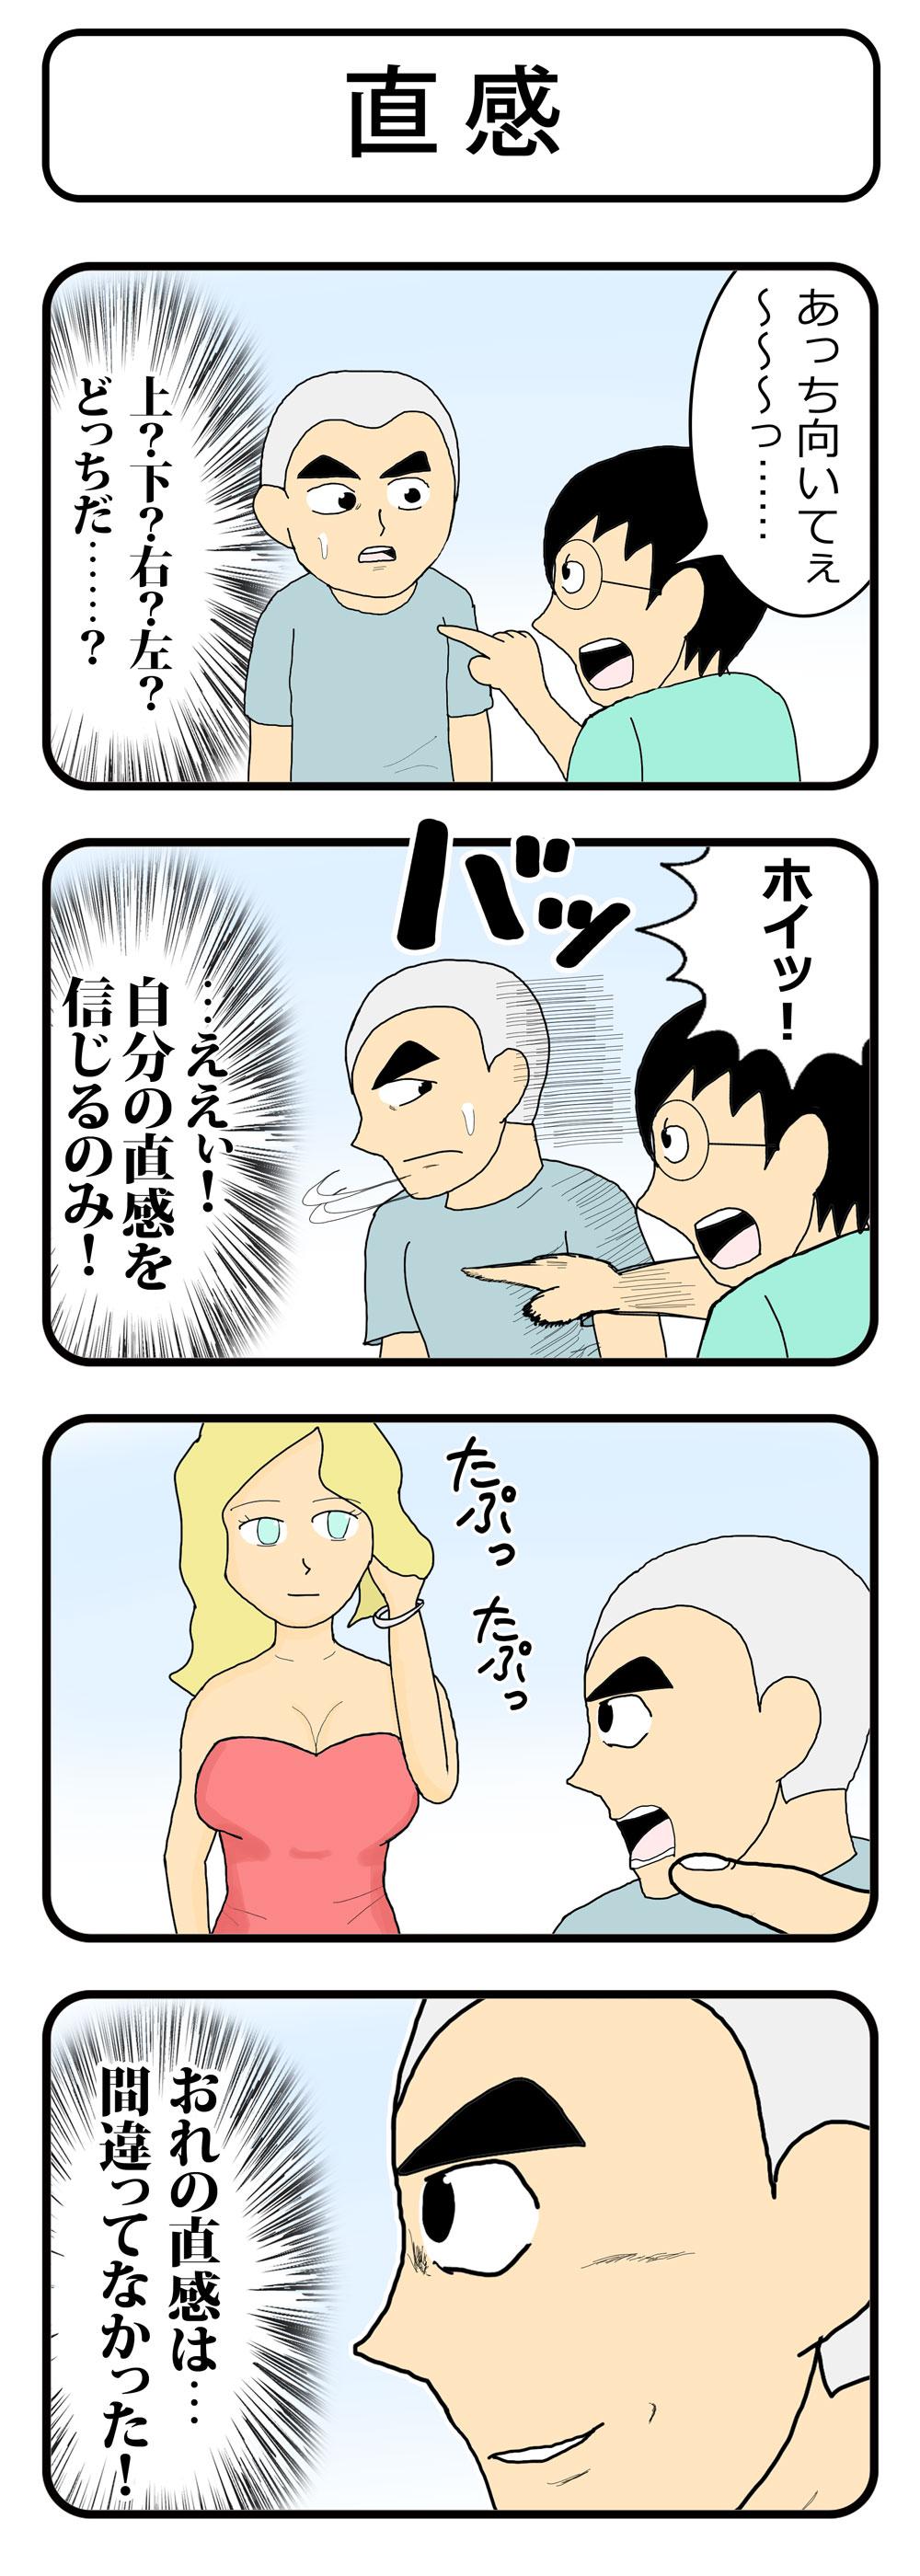 ③直感c3